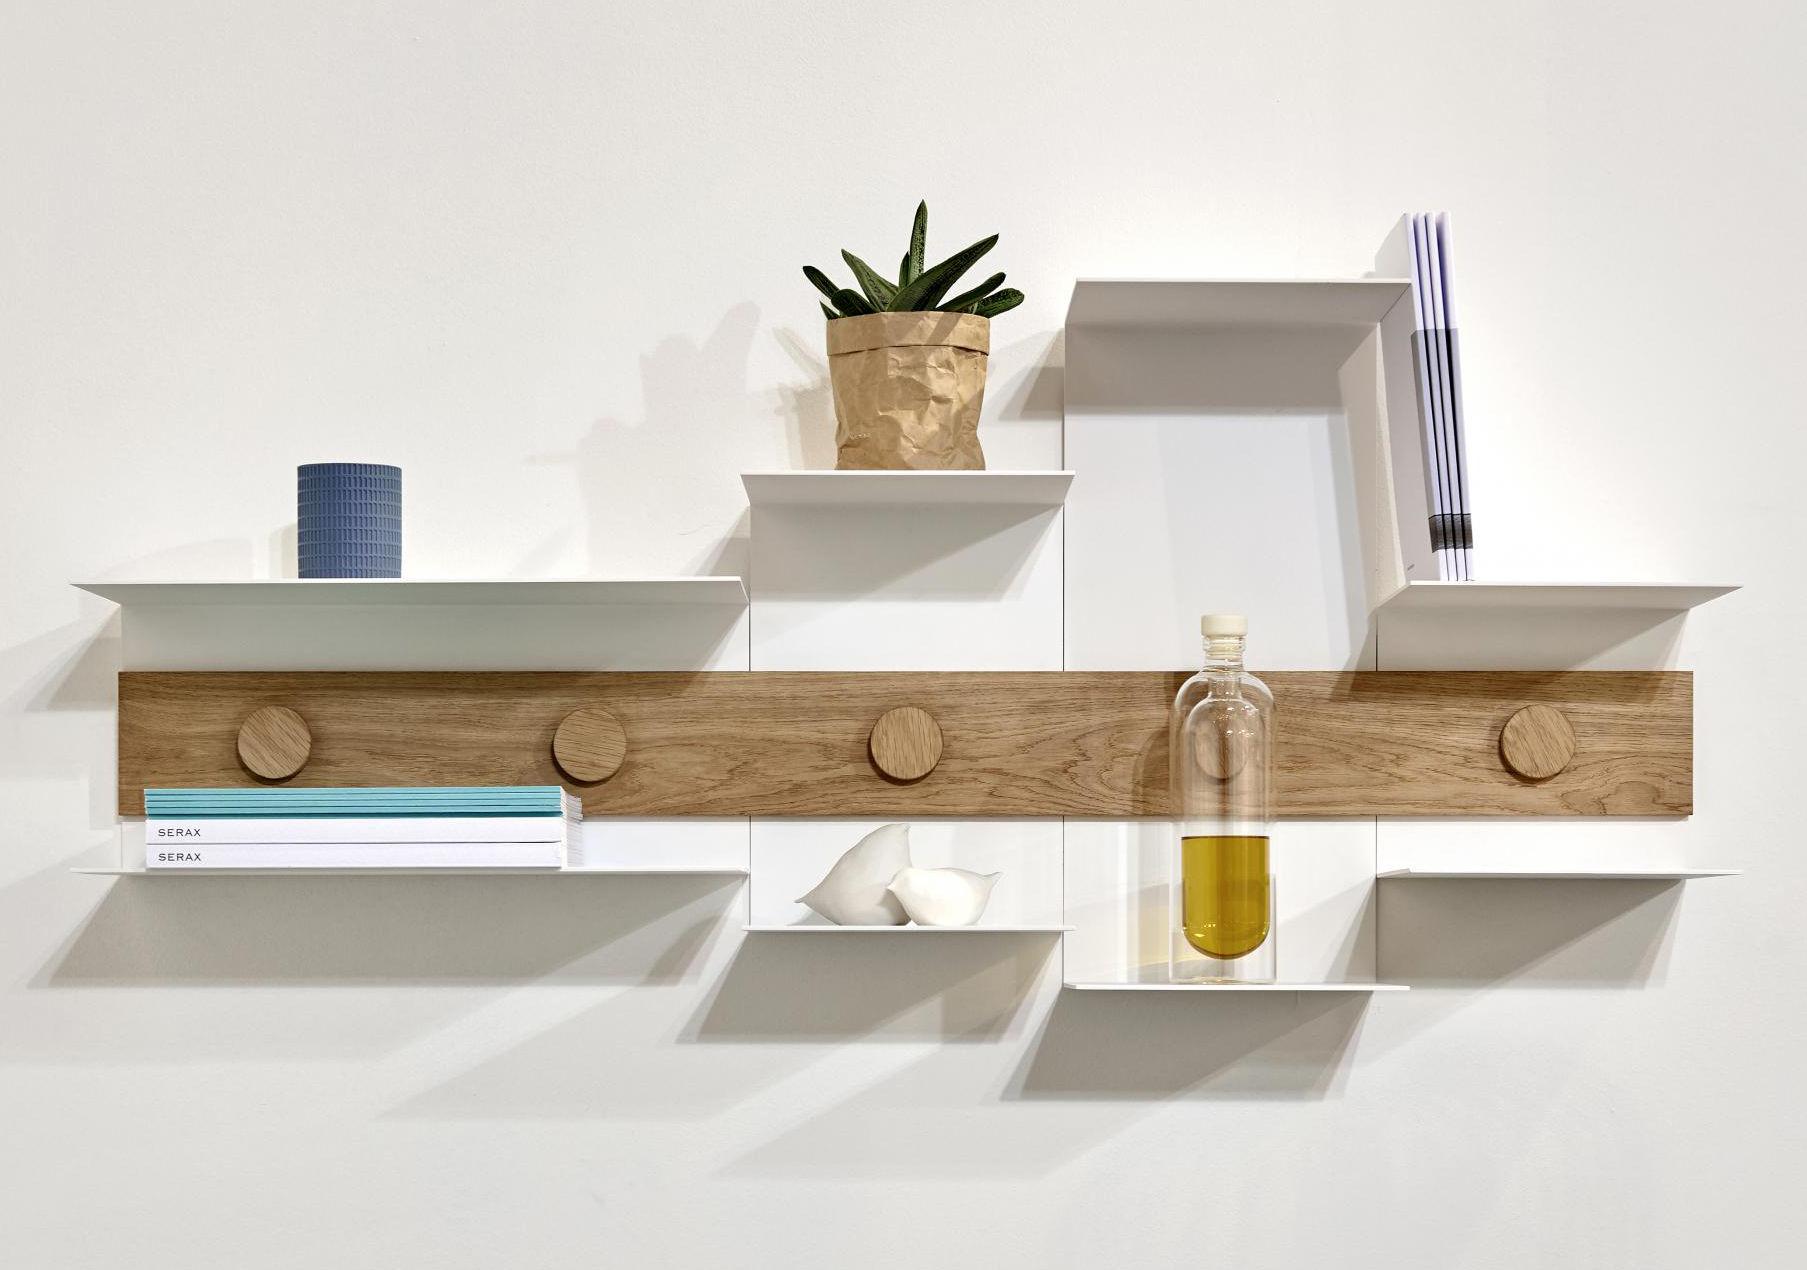 etag re junction l 120 cm blanc bois naturel serax. Black Bedroom Furniture Sets. Home Design Ideas